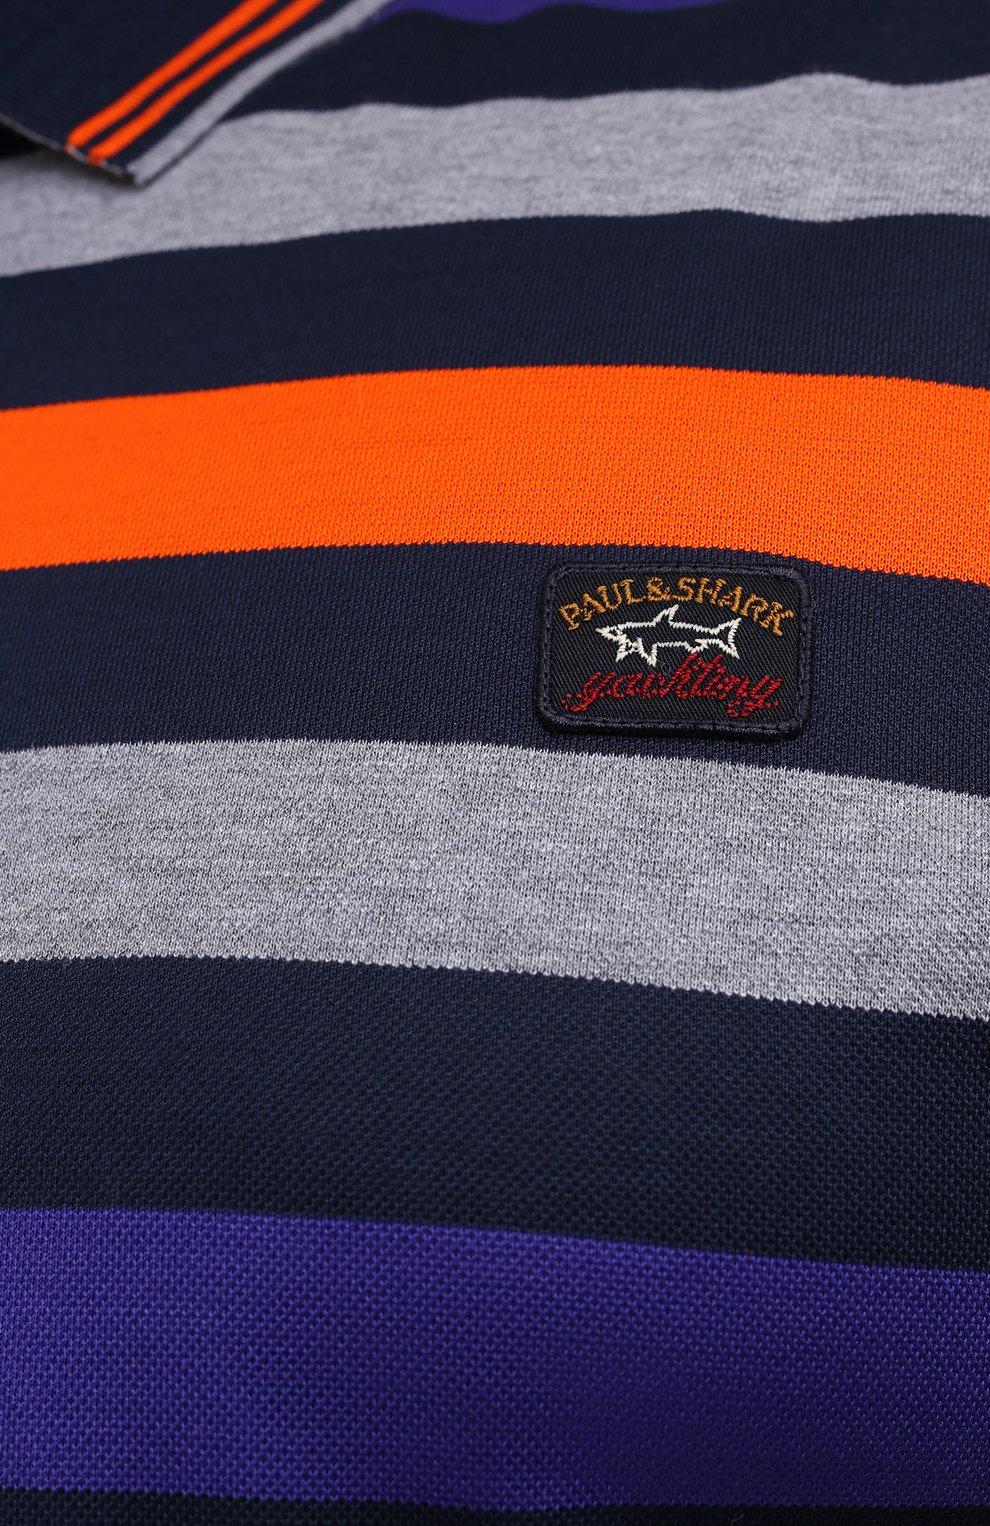 Мужское хлопковое поло PAUL&SHARK разноцветного цвета, арт. A20P1746/C00/3XL-6XL   Фото 5 (Застежка: Пуговицы; Рукава: Длинные; Длина (для топов): Удлиненные; Материал внешний: Хлопок; Стили: Кэжуэл)